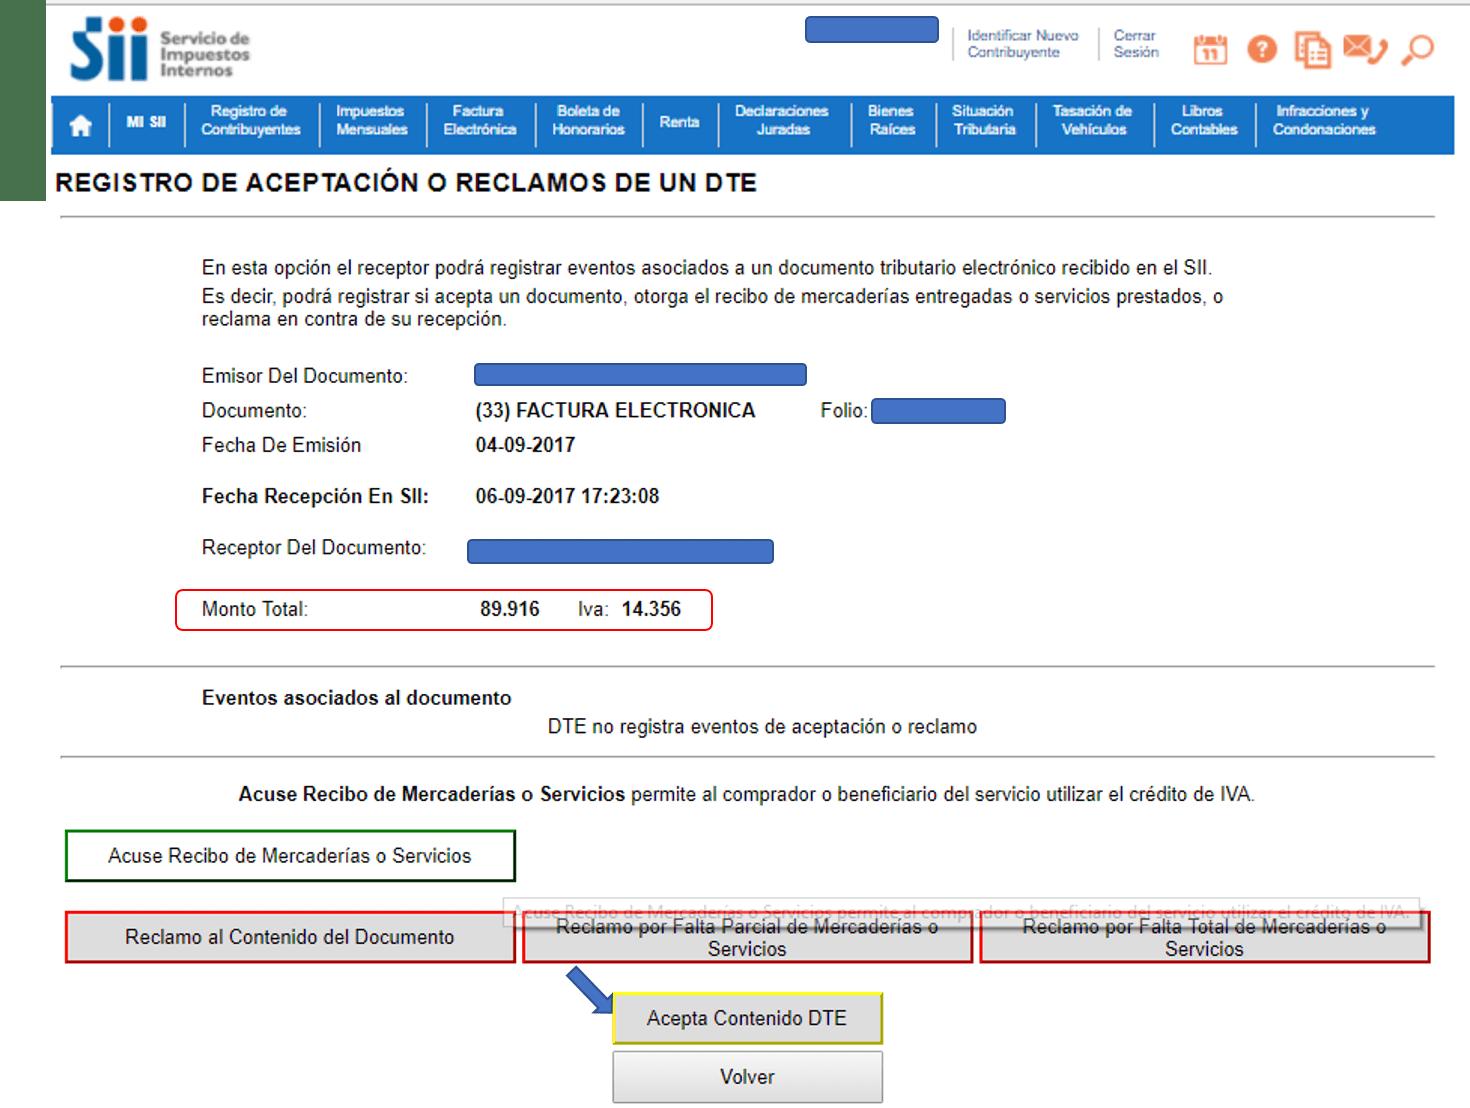 Acuse de recibo Facturación electrónica f29 paso 10